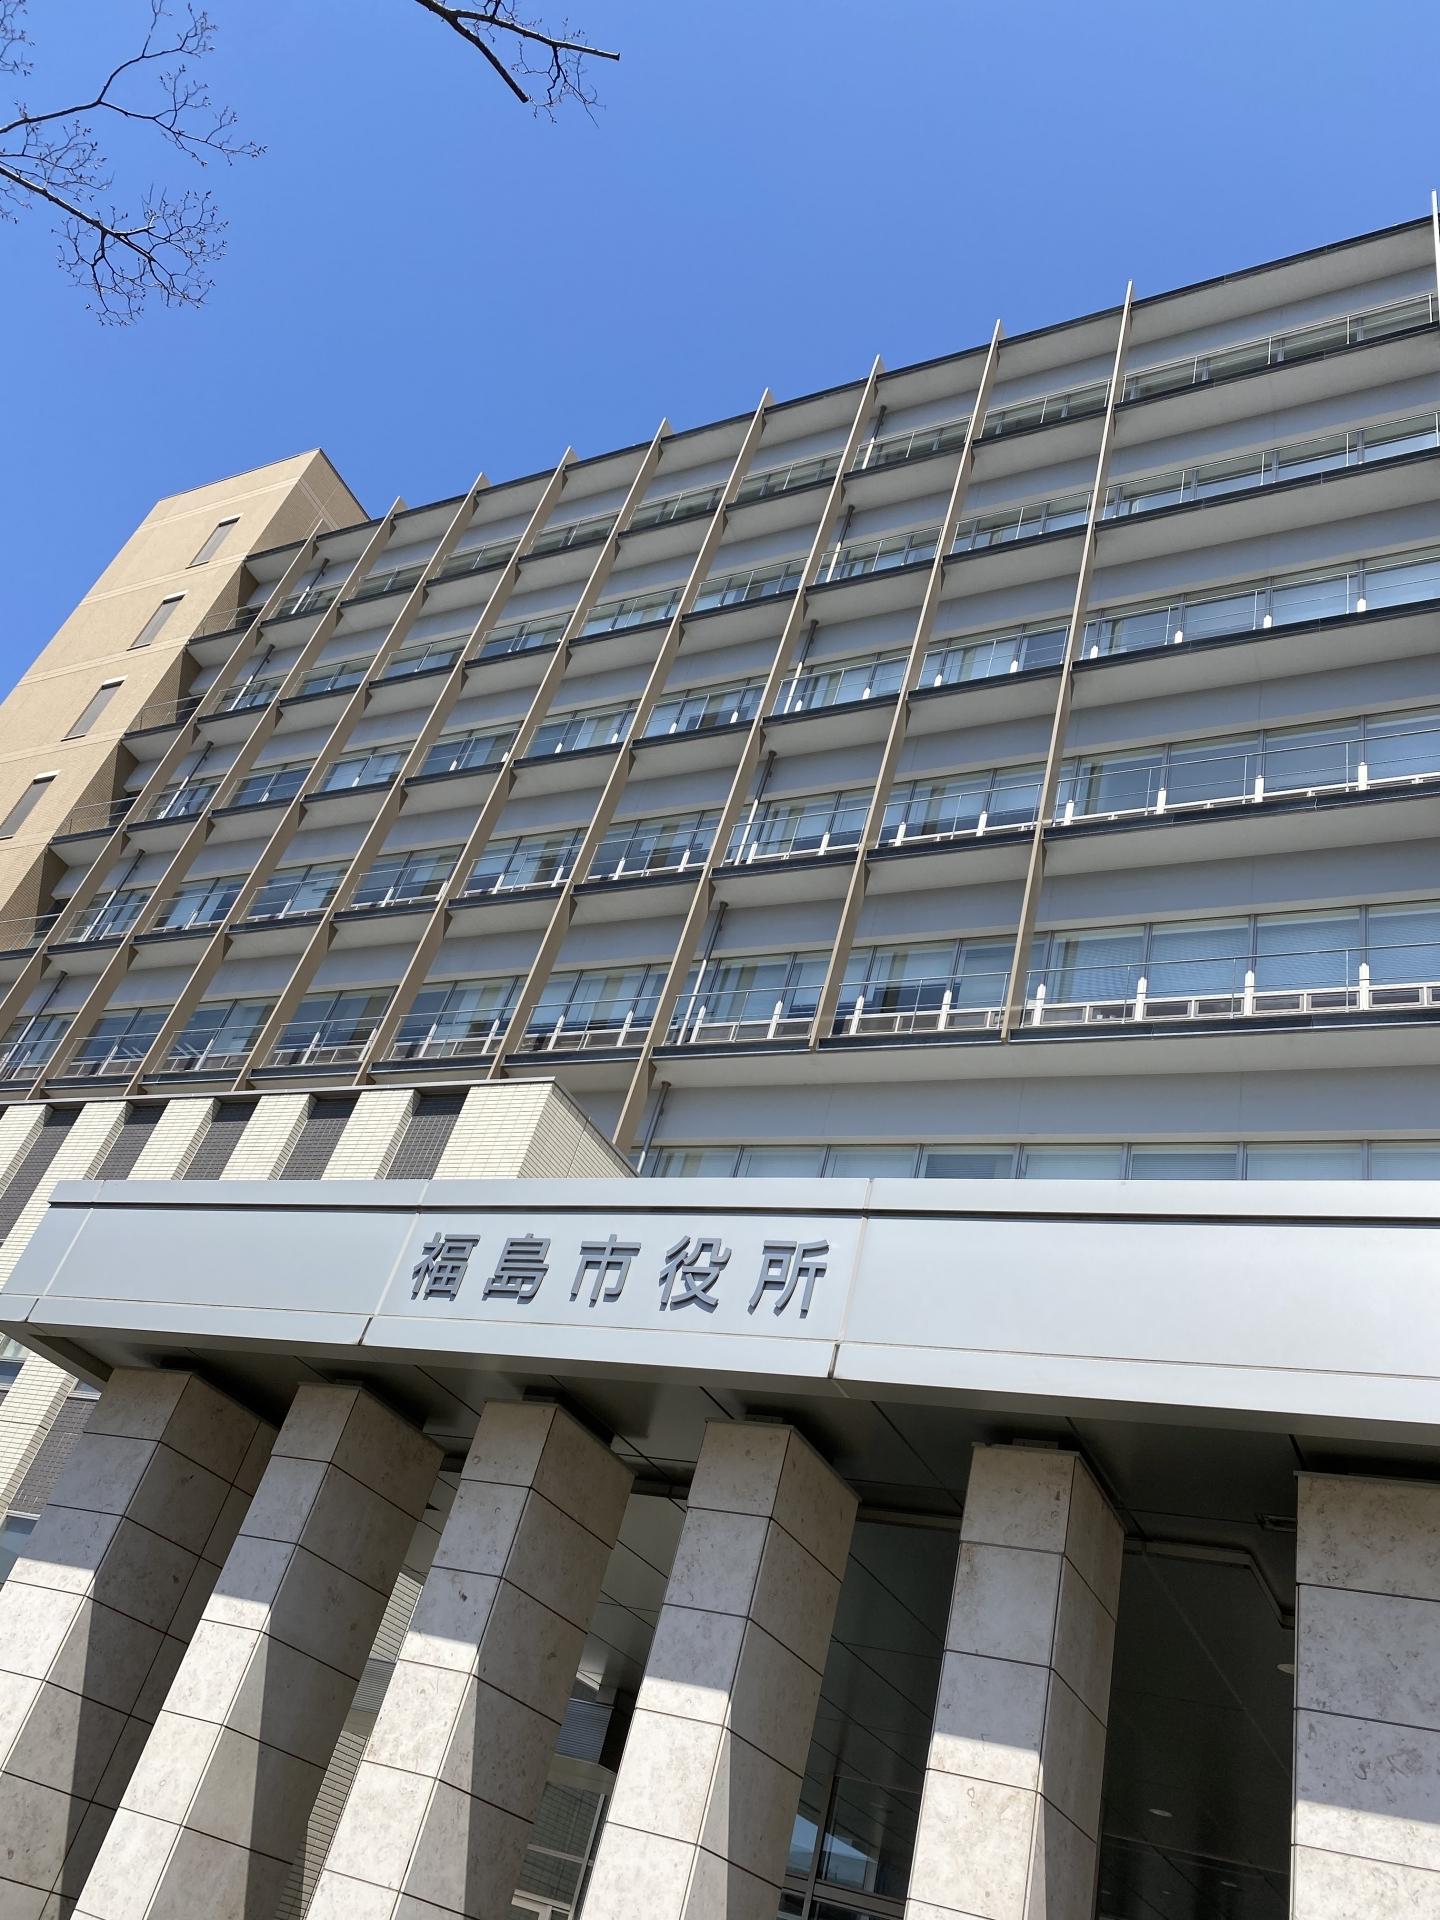 【323】 福島県(福島市)に伺いました・・。